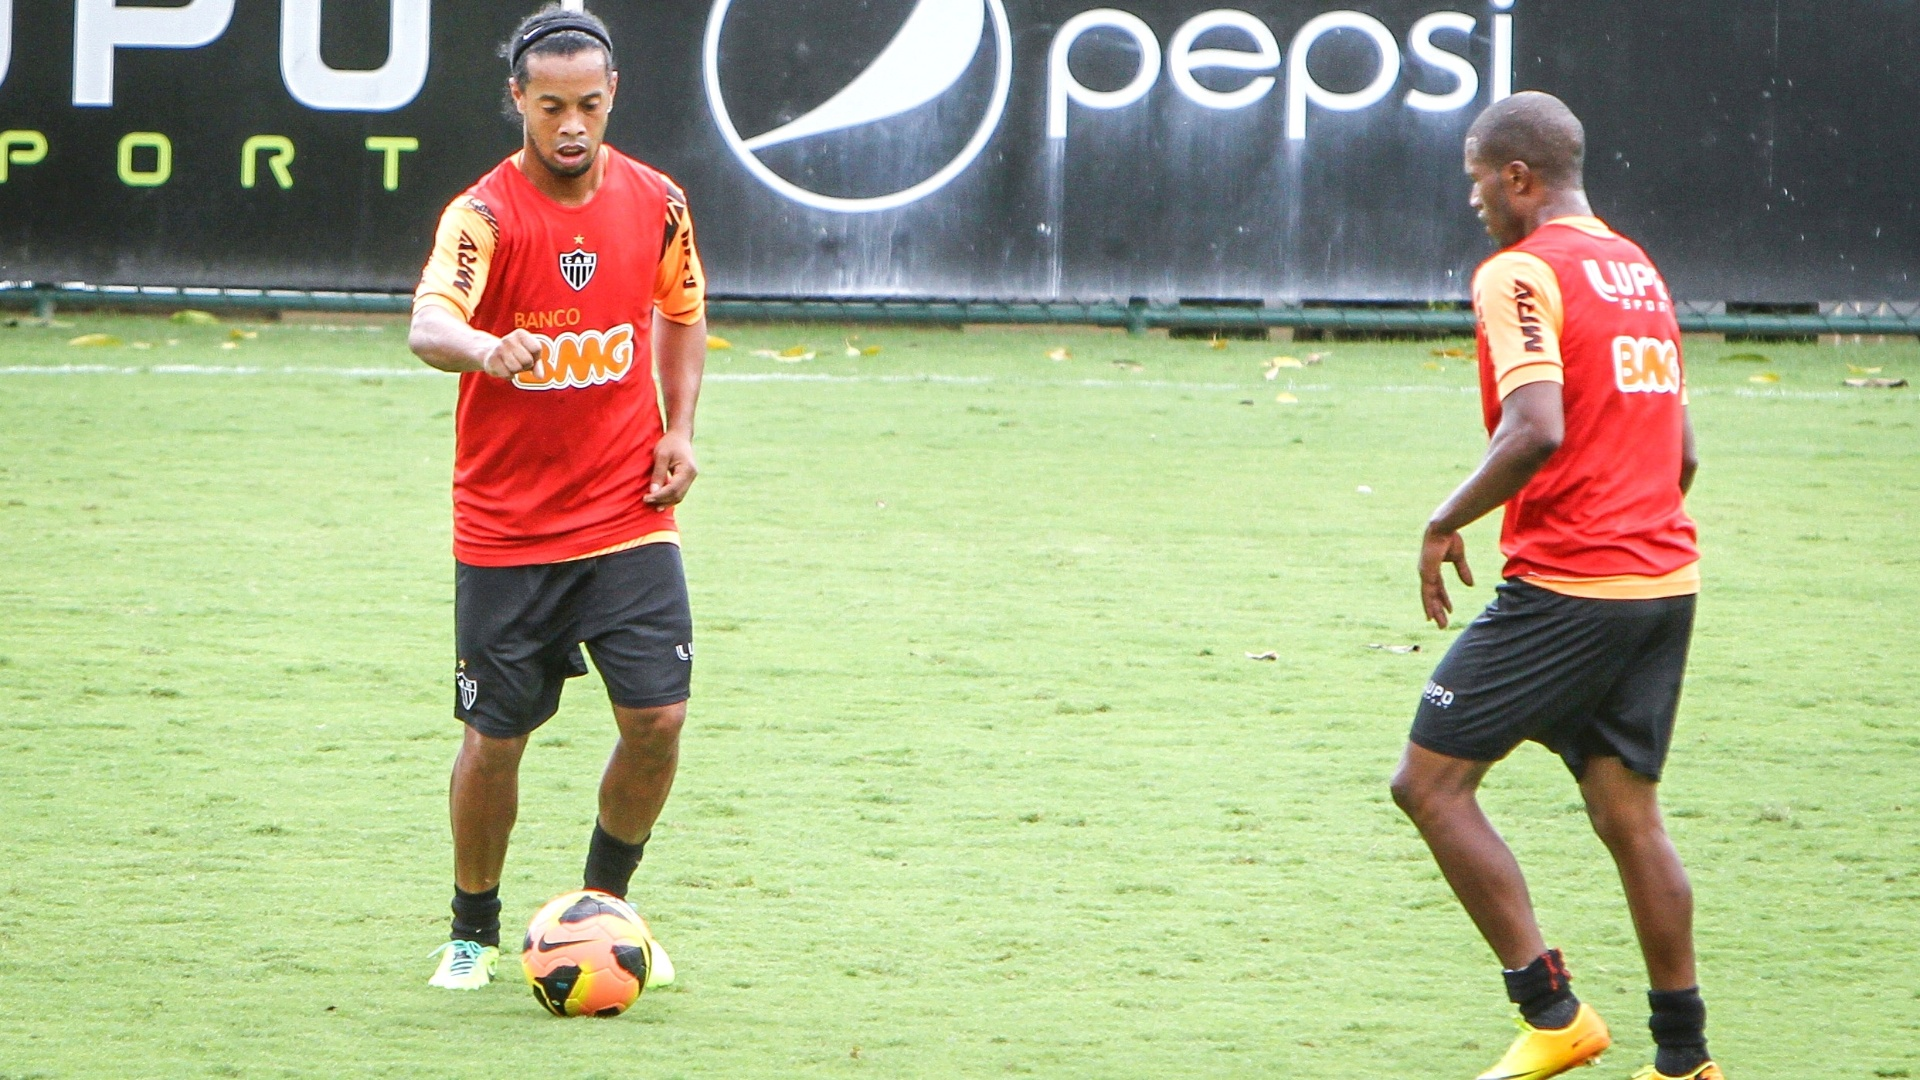 Ronaldinho Gaúcho volta a treinar com o grupo do Atlético após lesão, na Cidade do Galo (27/11/2013)